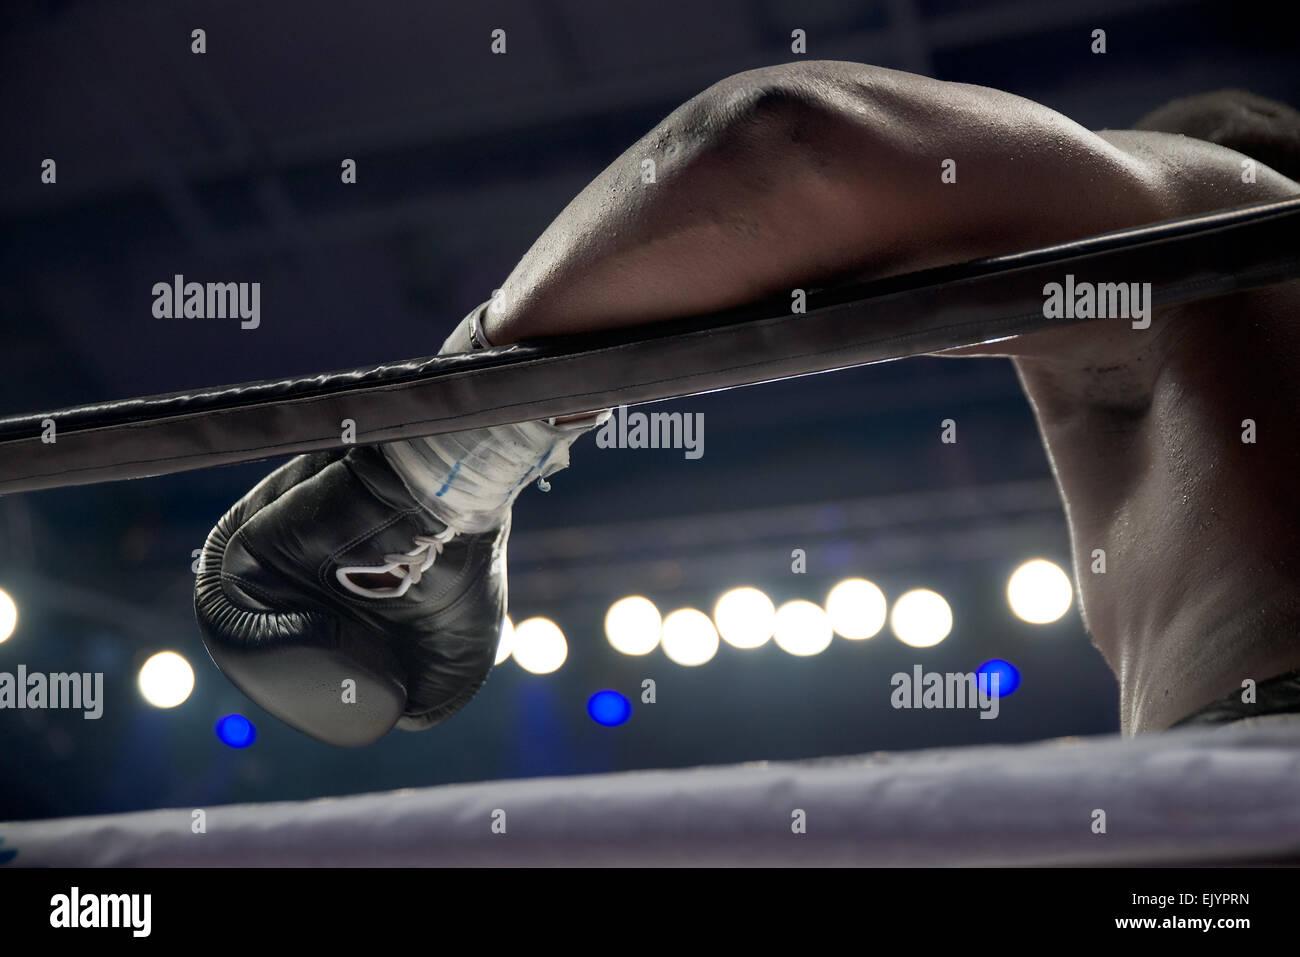 La main du boxeur sur l'anneau d'acier Photo Stock